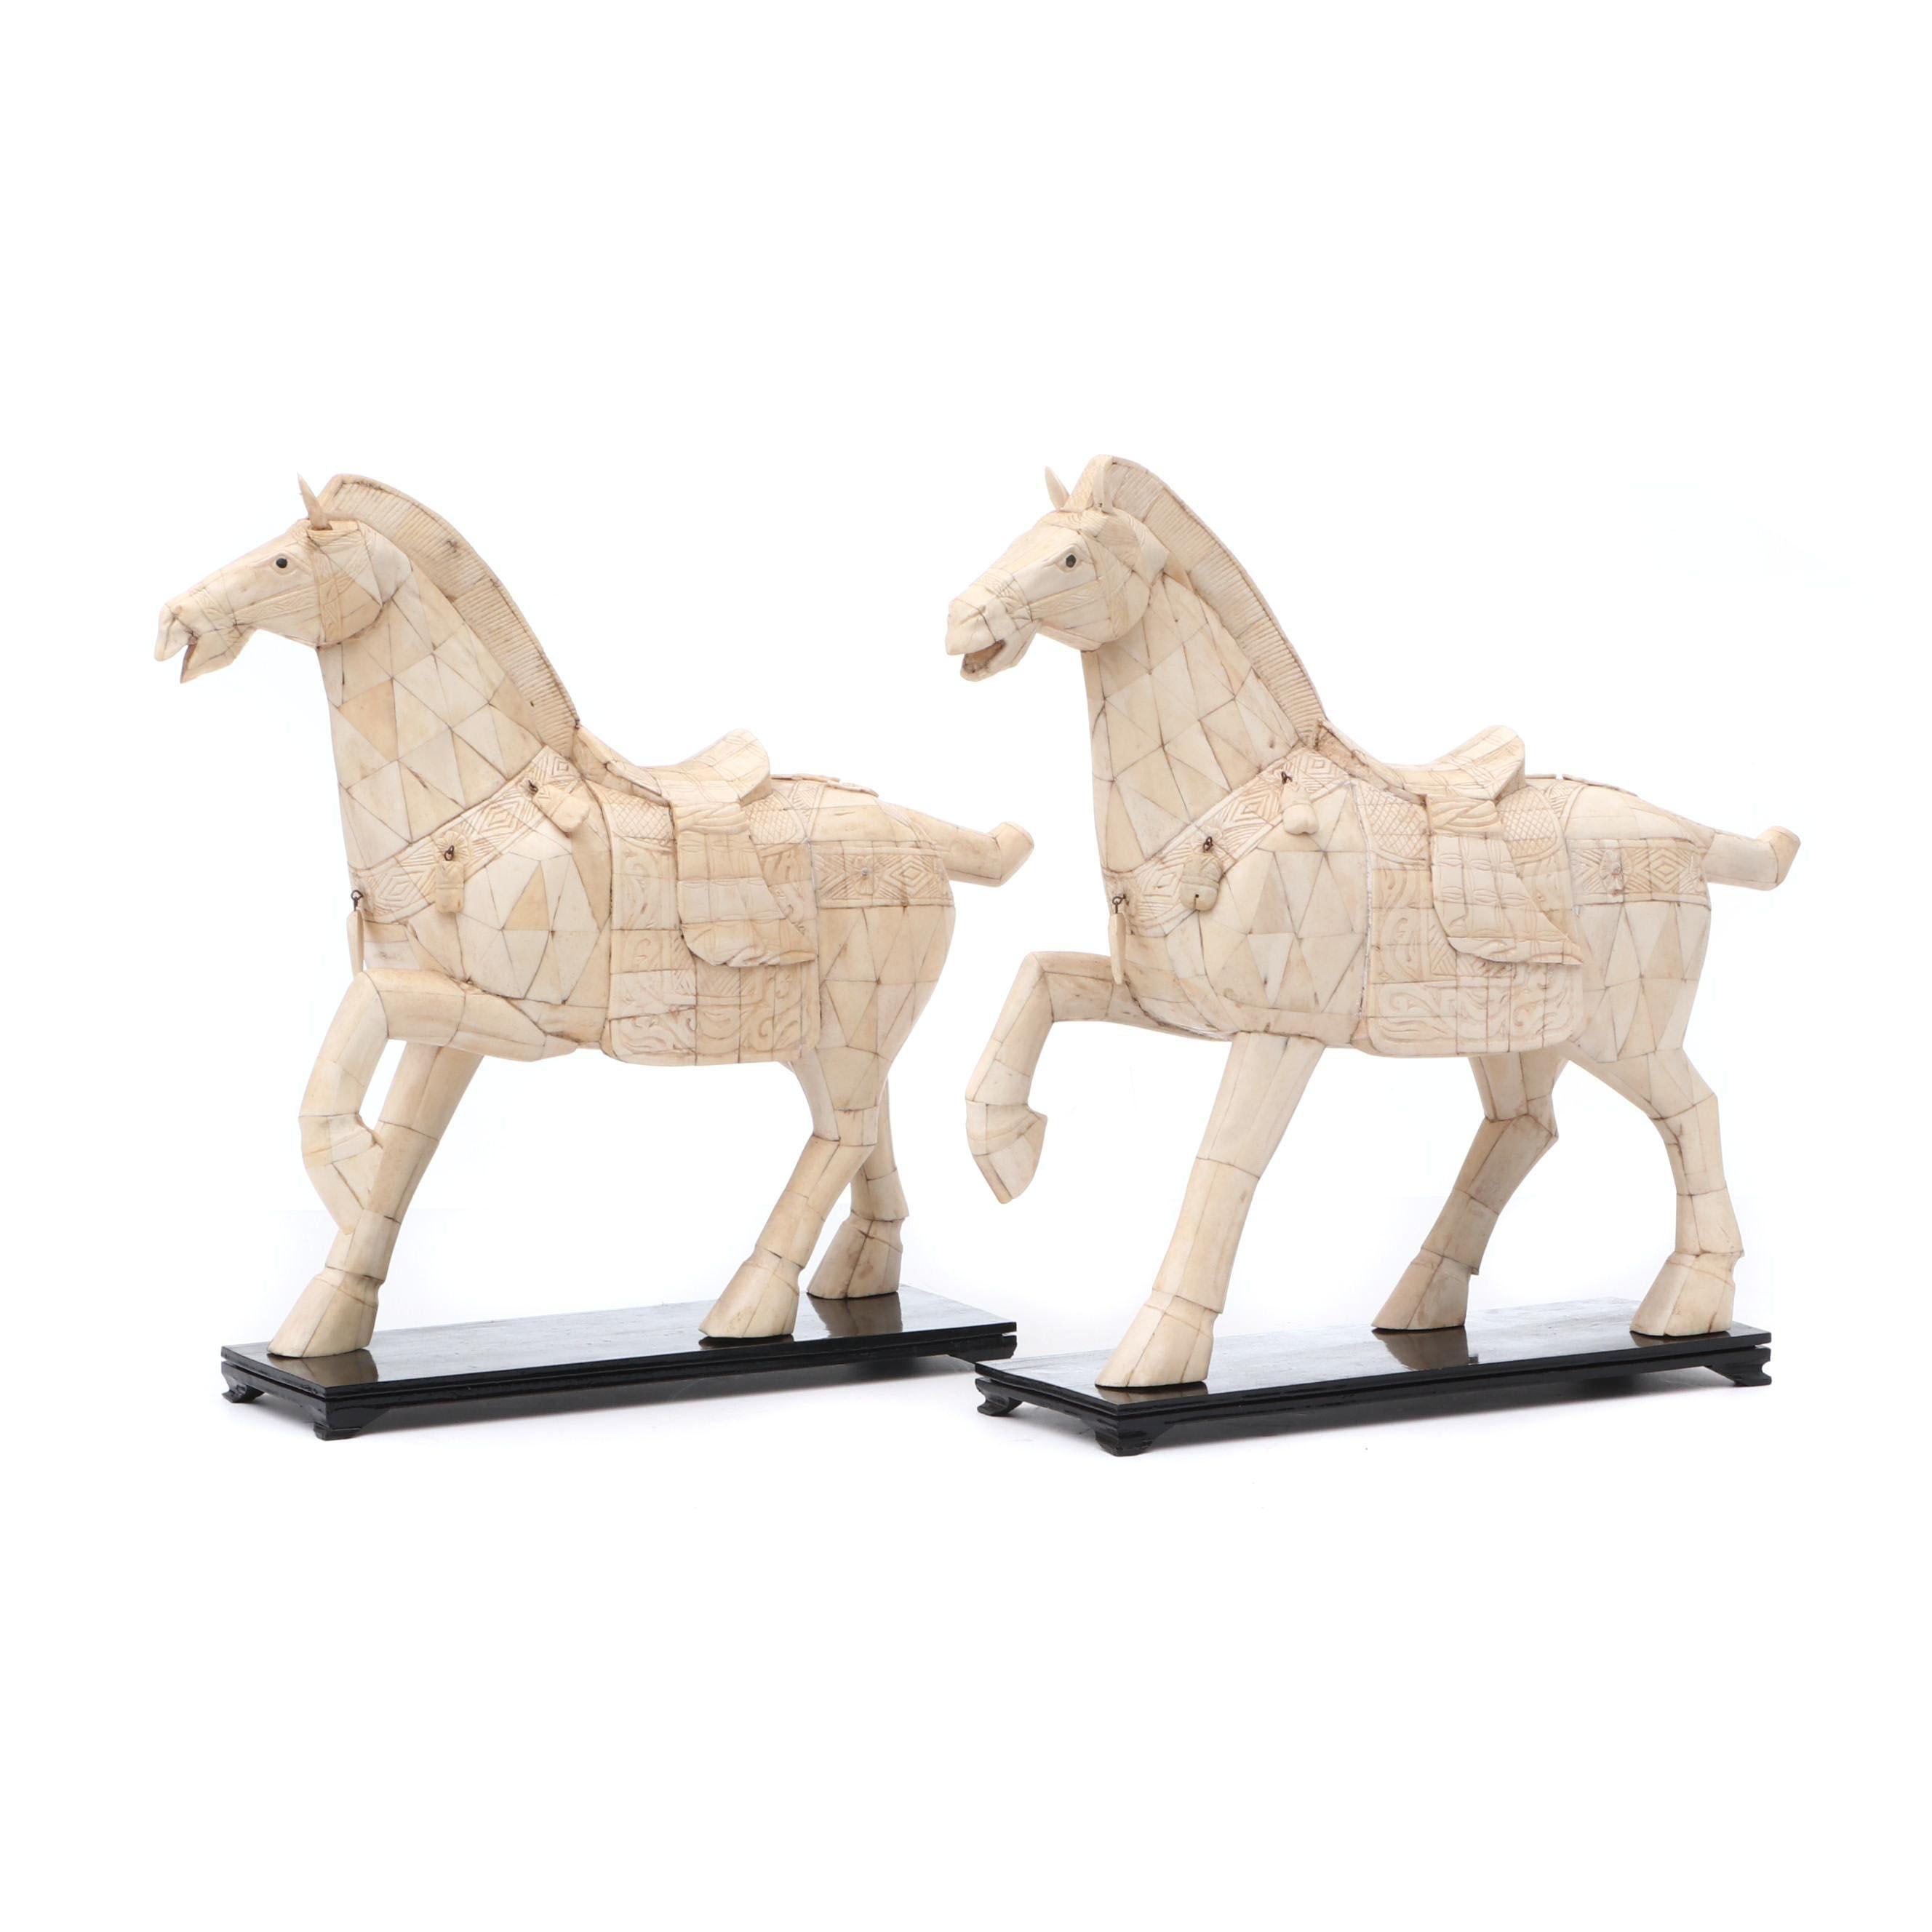 Bone Veneered Horse Sculptures